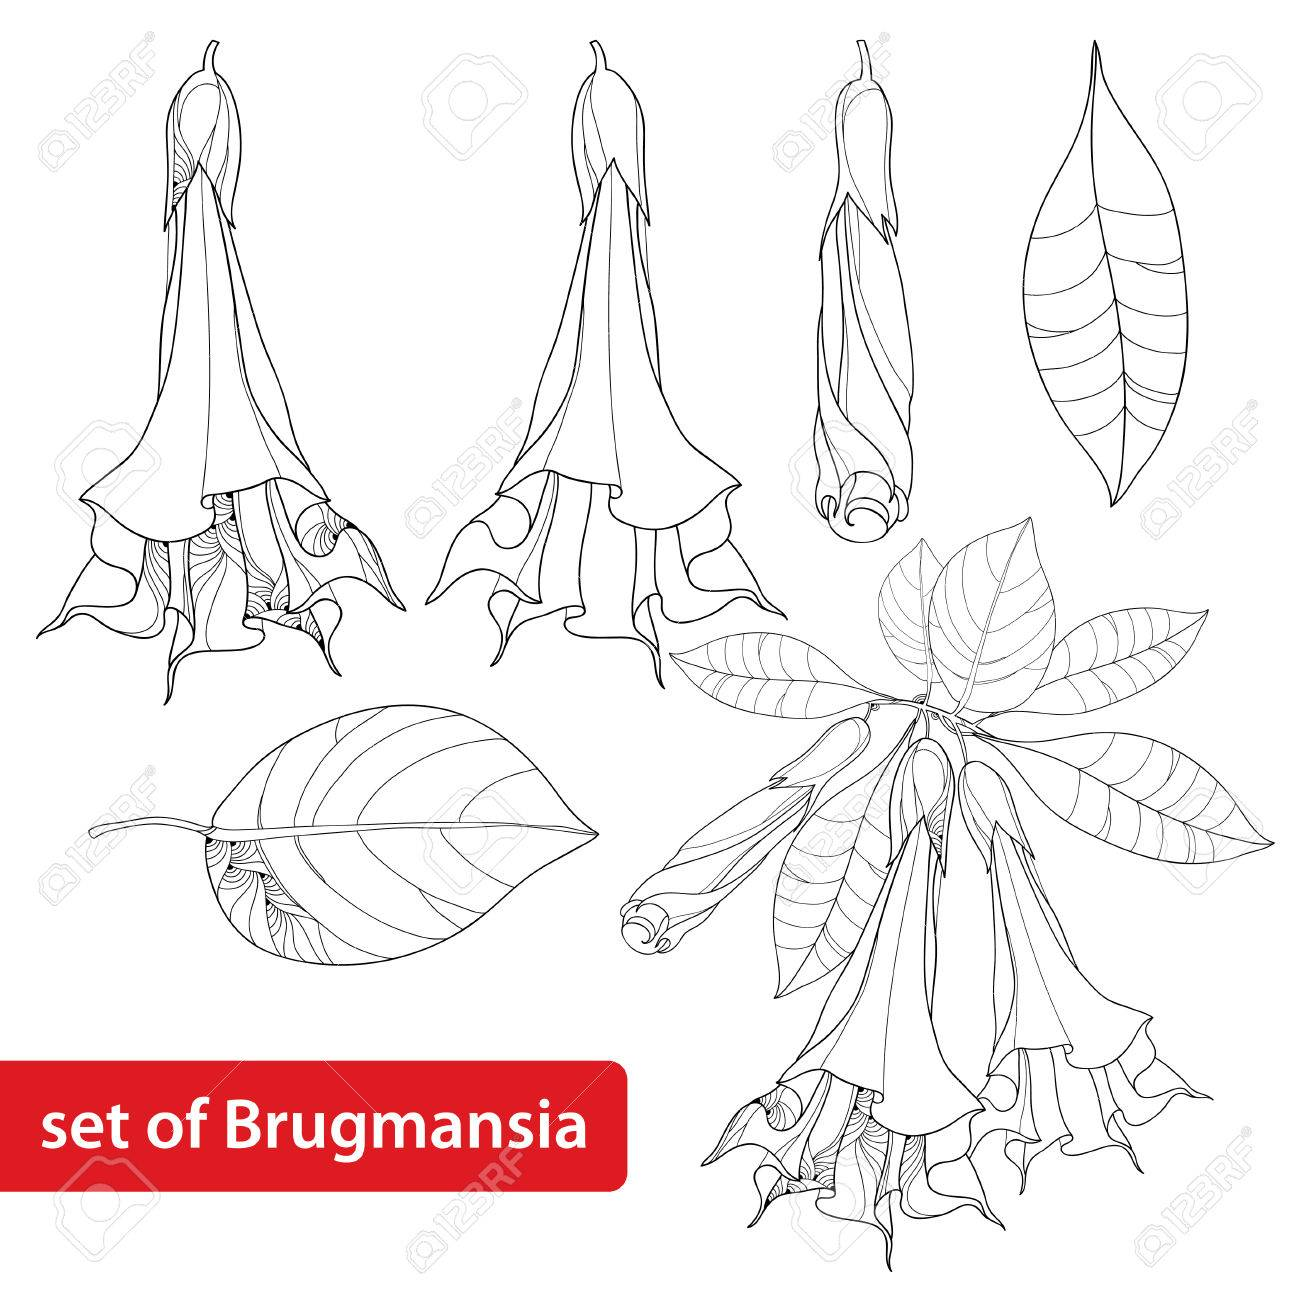 キダチチョウセンアサガオ属アルボレーア天使のトランペット花芽や葉